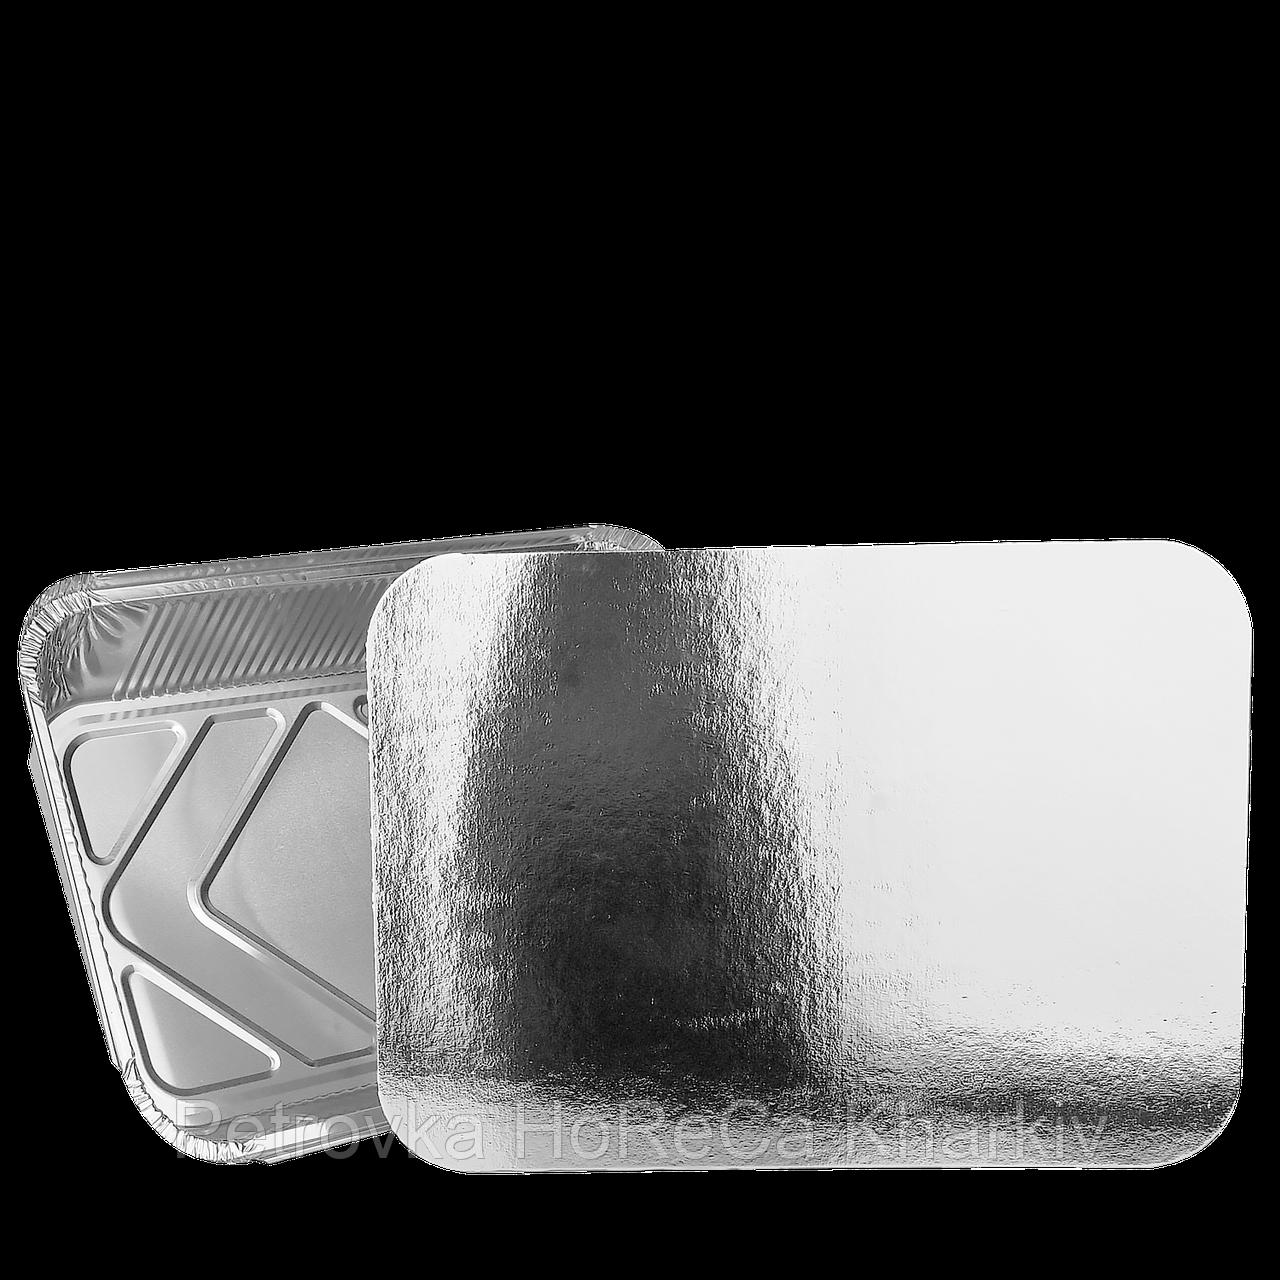 Крышка из Алюминиевой фольги и Картона к контейнеру прямоугольному алюм. 3000мл (SP98L). Упаковка 50 шт